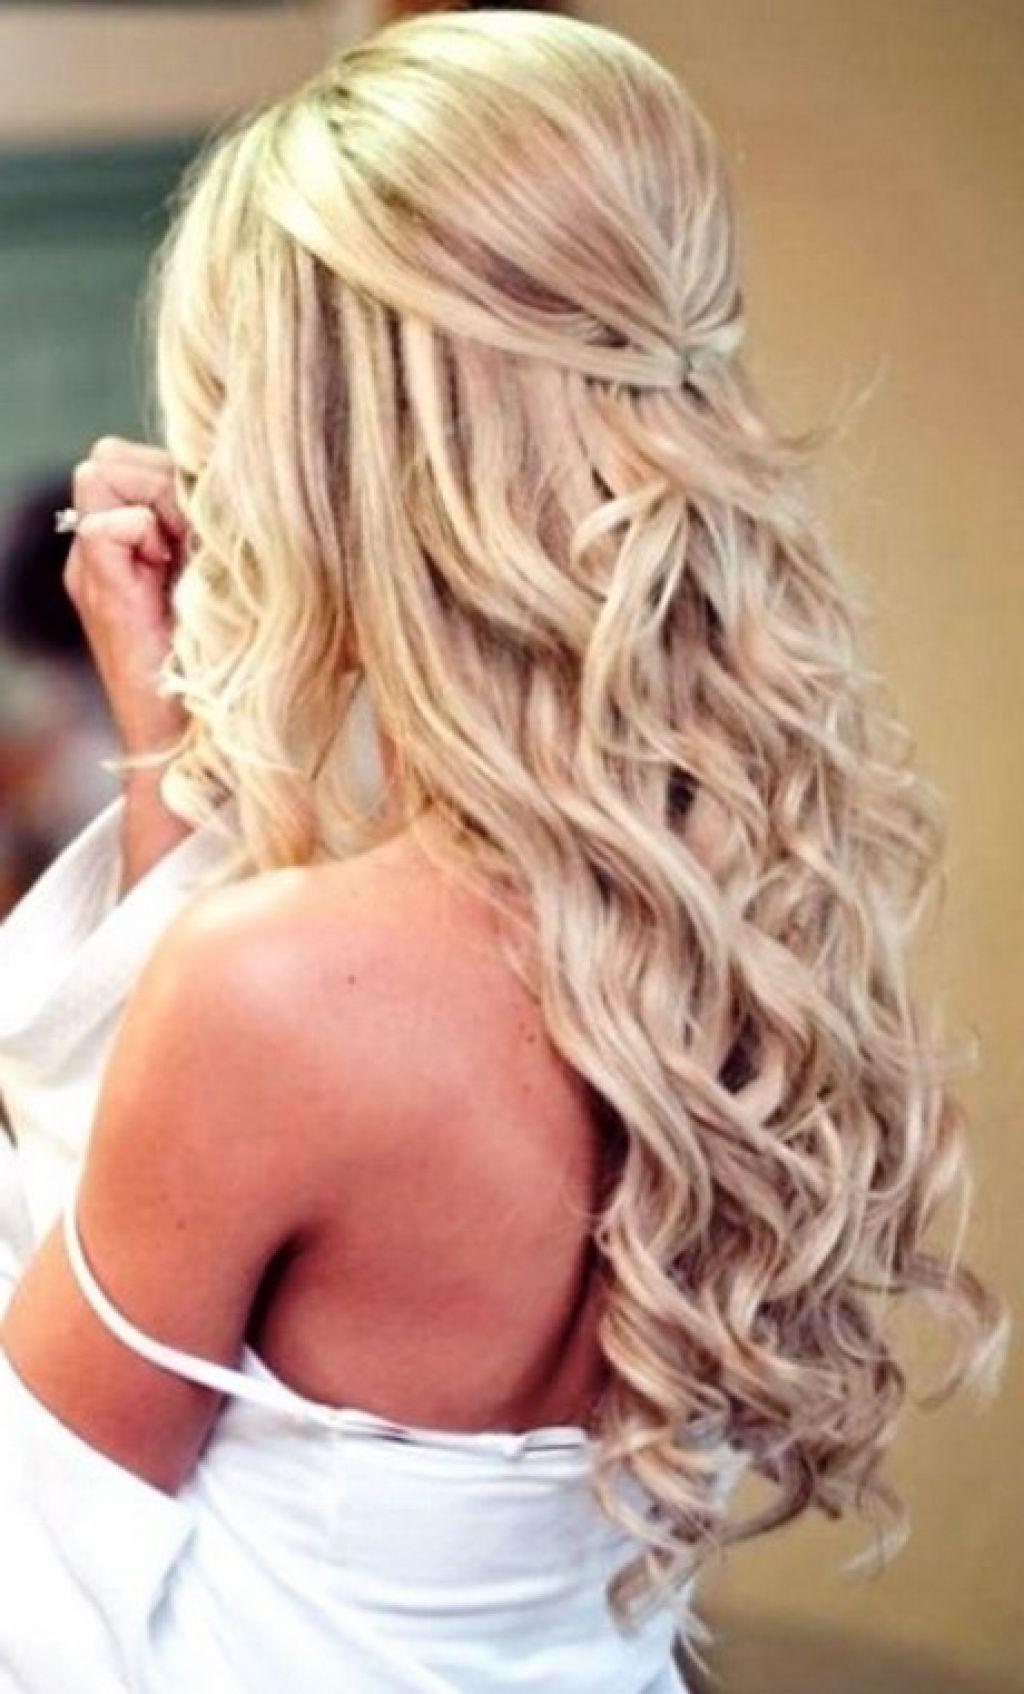 Peinados De Baile Para Cabello Medio Largo Cabello De Moda Baile Cabello Largo Medio In 2020 Prom Hair Down Medium Length Hair Styles Prom Hair Medium